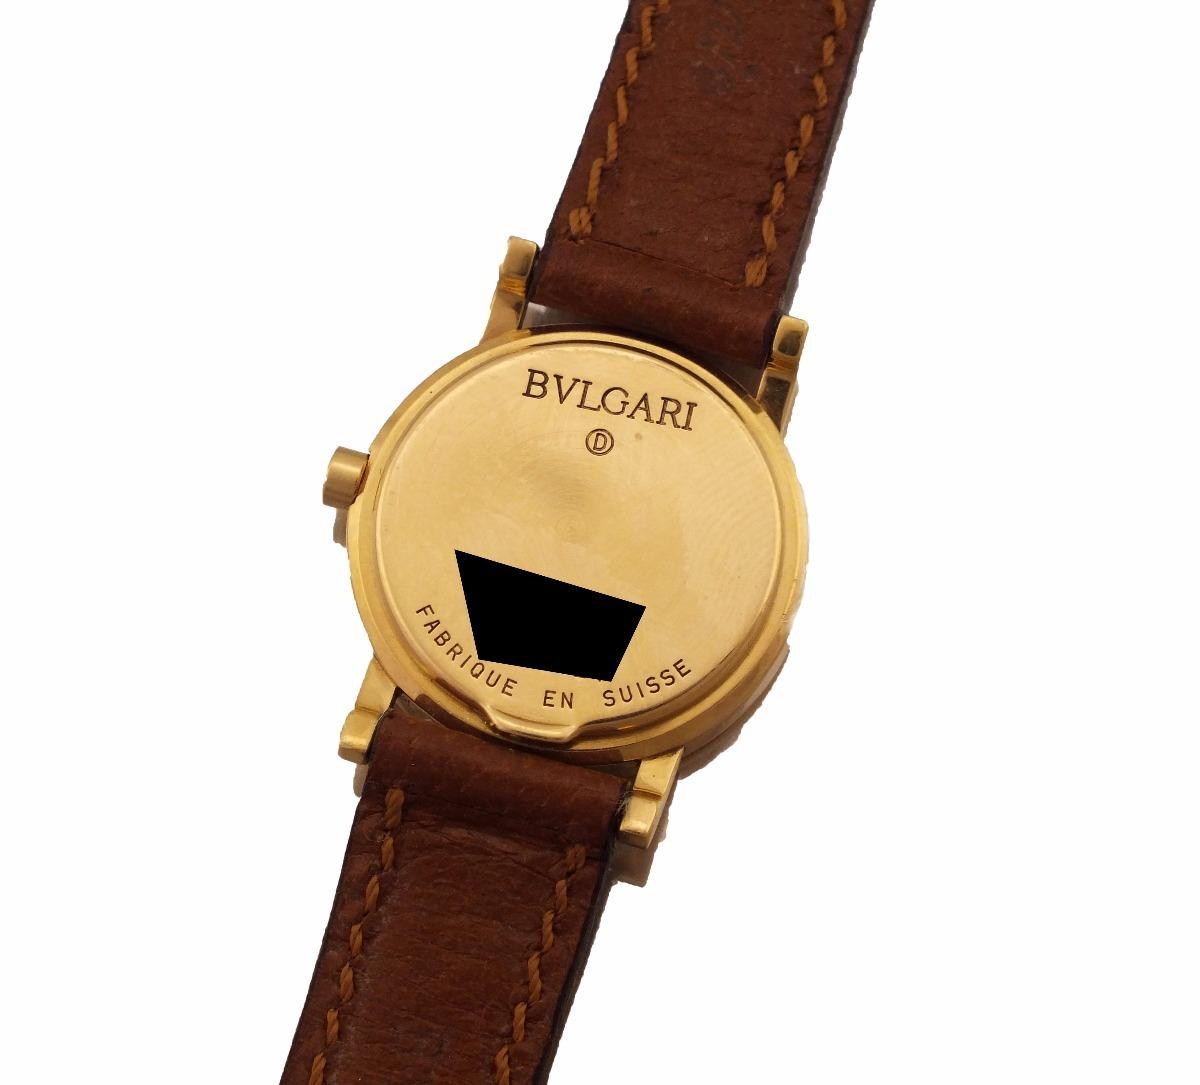 7d828be2cfe relógio de pulso bvlgari feminino em ouro 18k j17306. Carregando zoom.